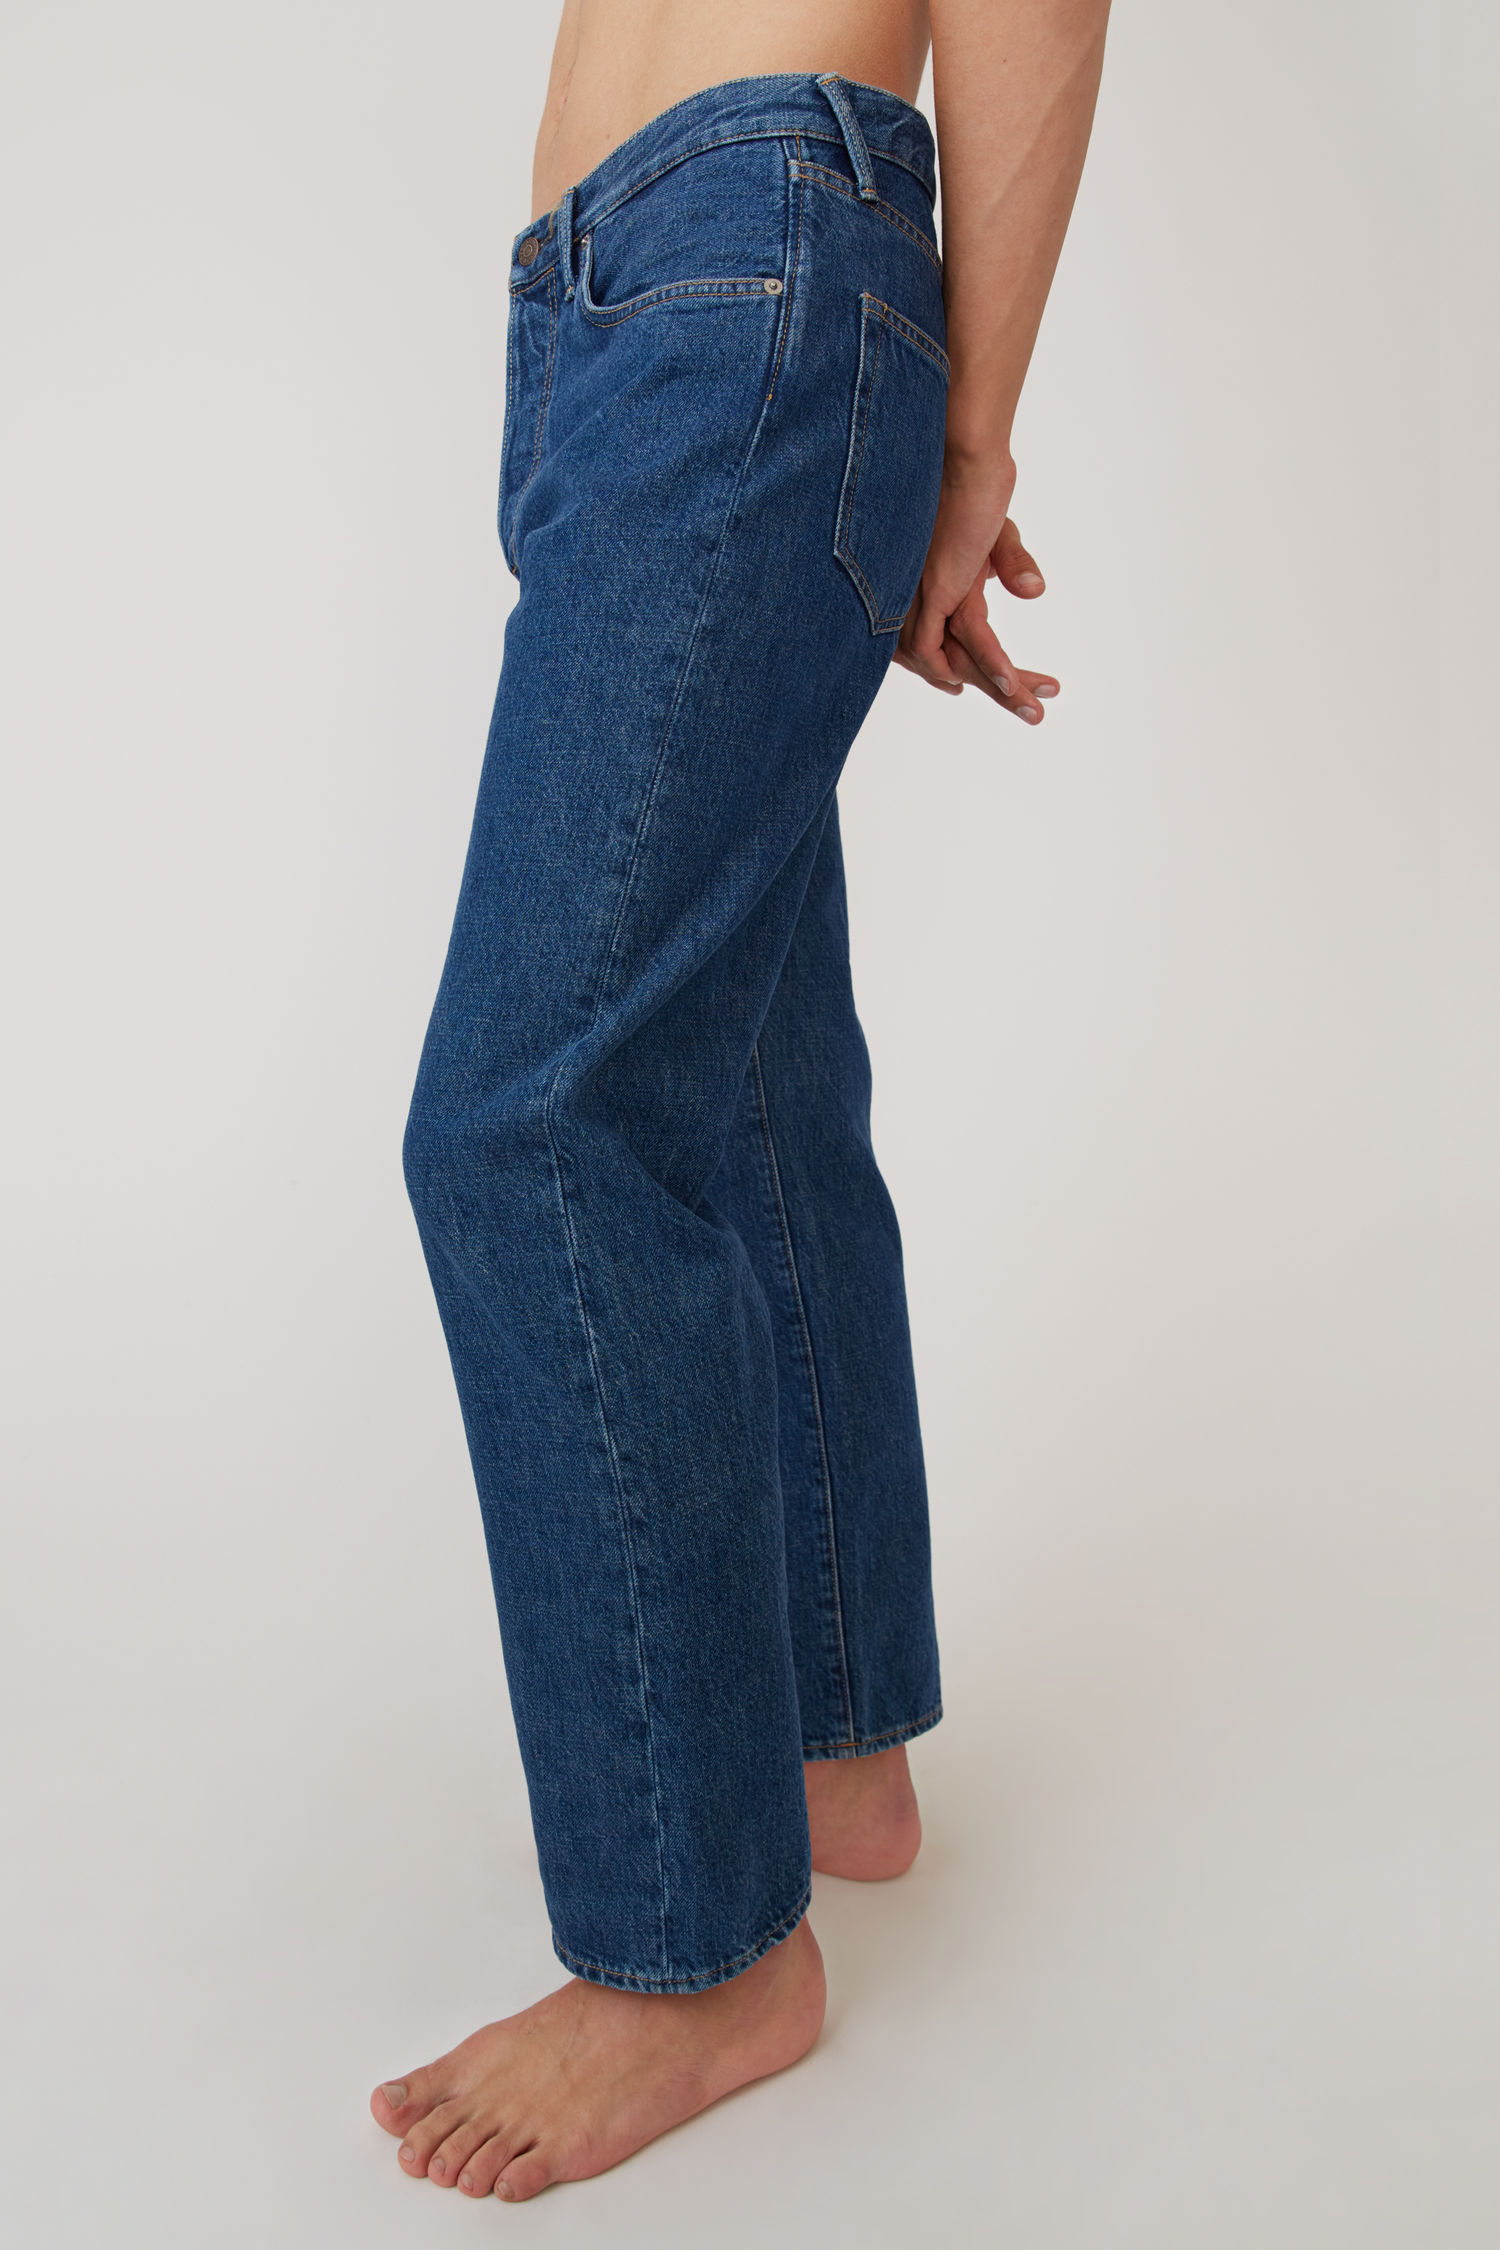 acne_studios_Loose_fit_jeans_dark_blue_2.jpg